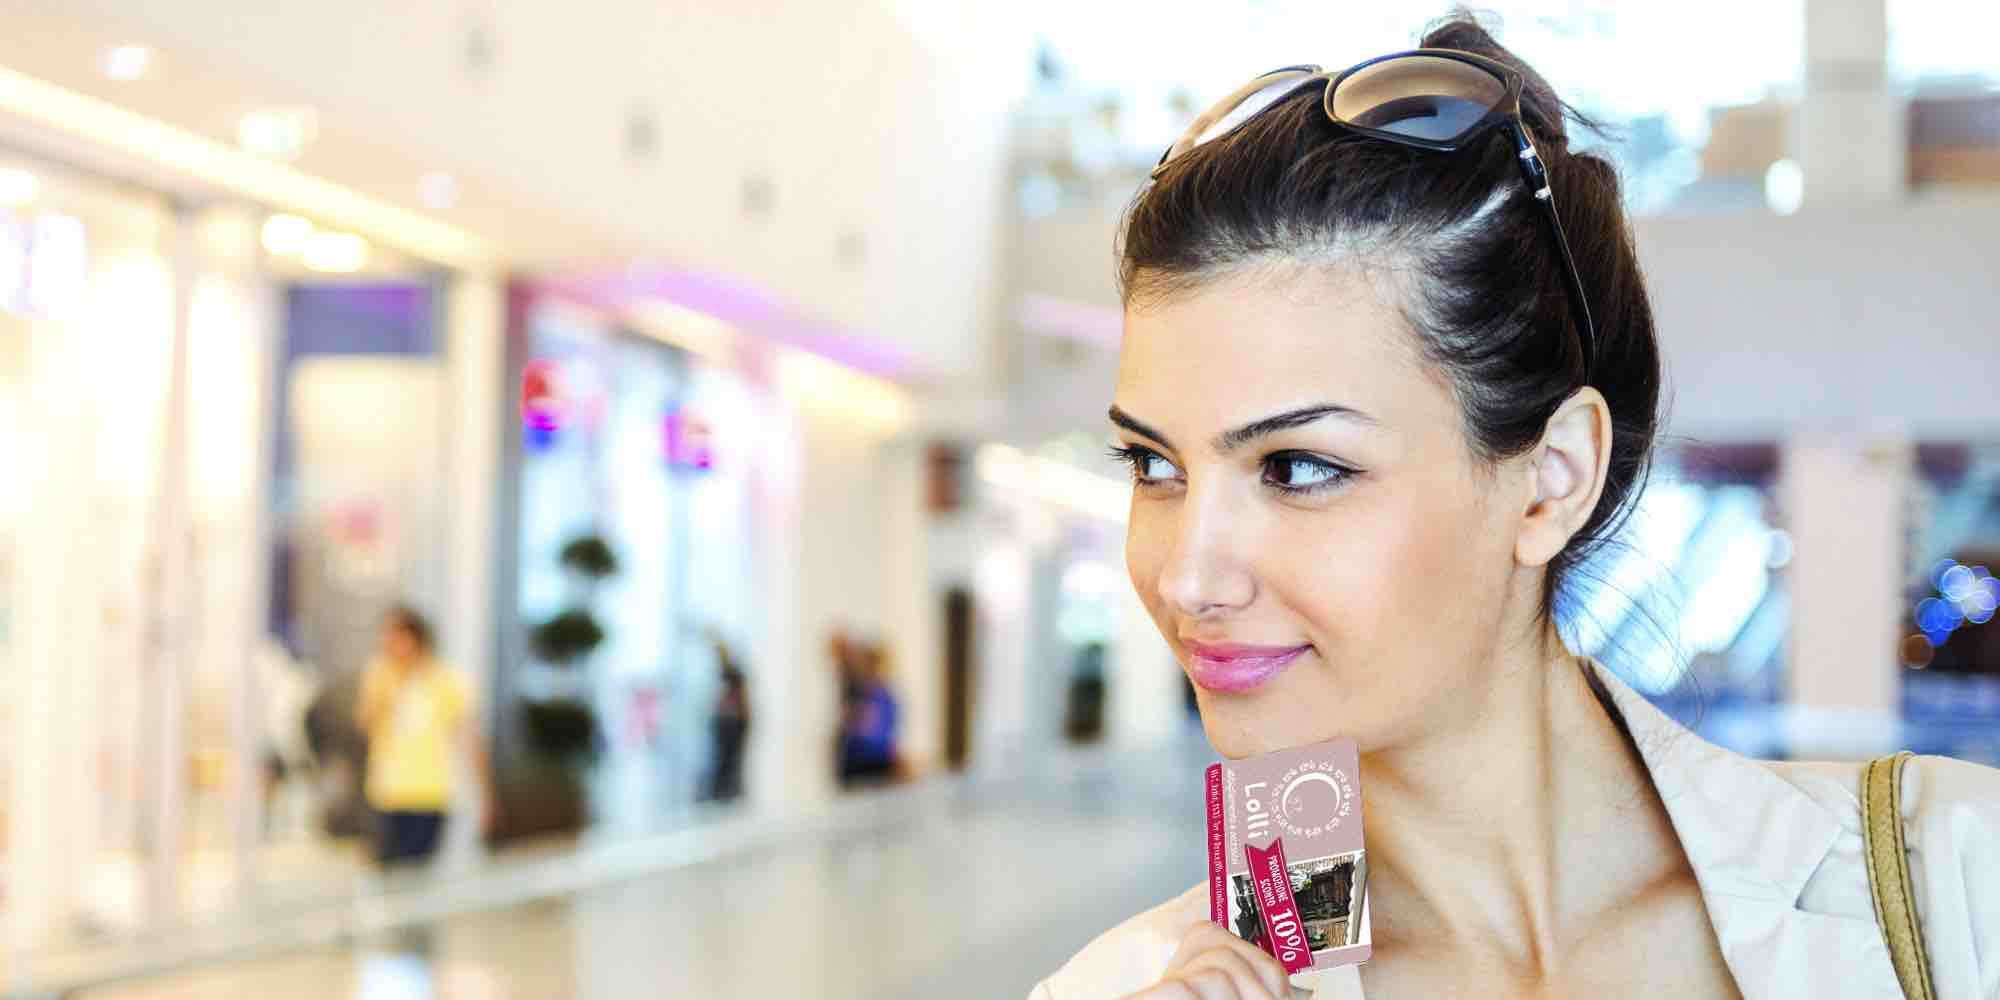 Aumenta la brand identity della tua azienda: un altro vantaggio dei coupon